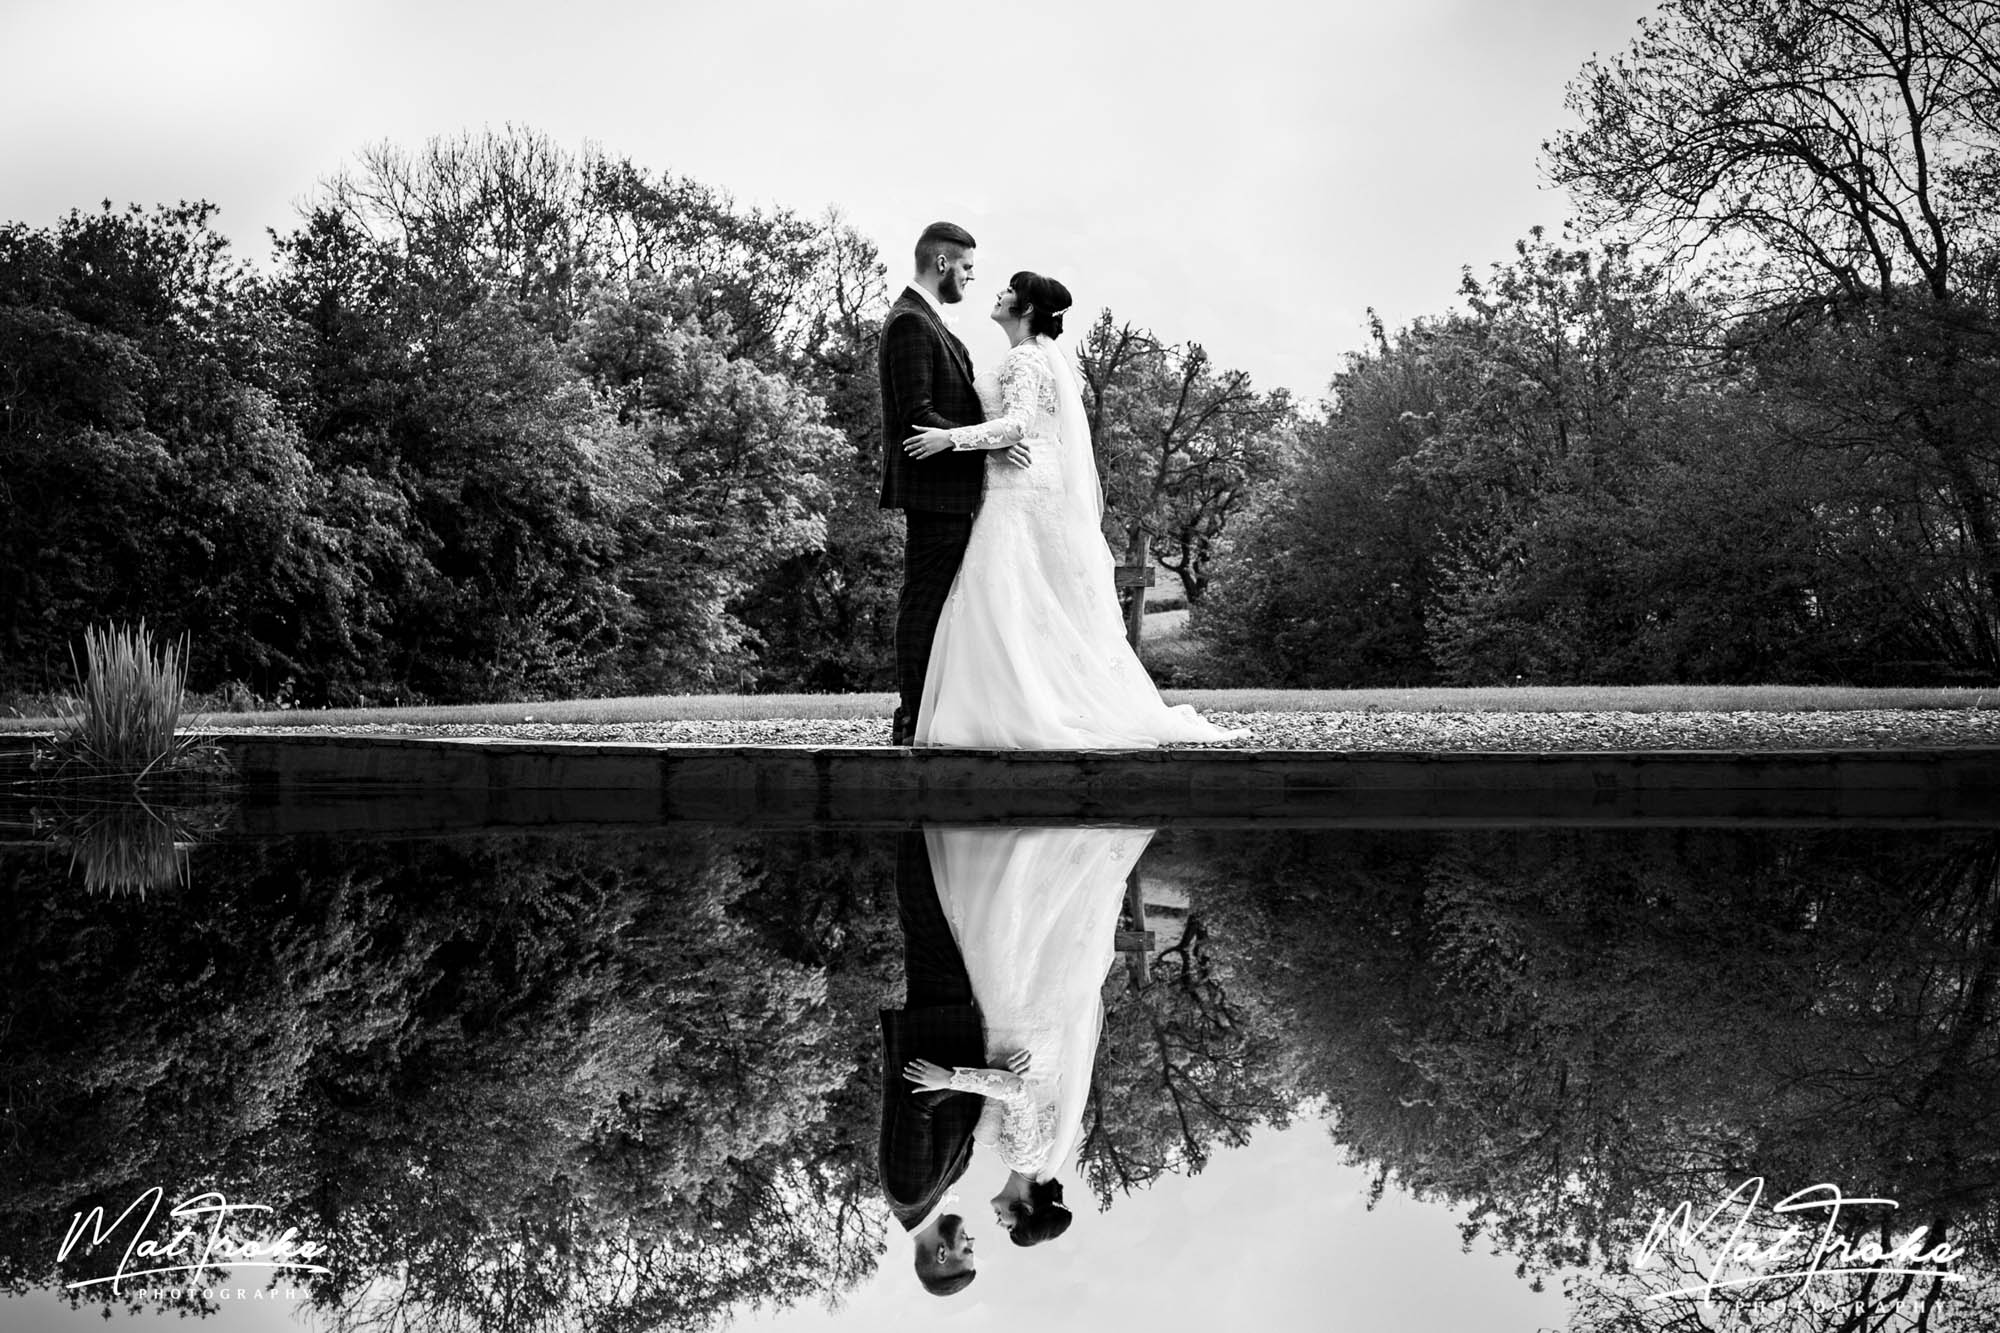 The White Hart Inn Wedding, Alfreton